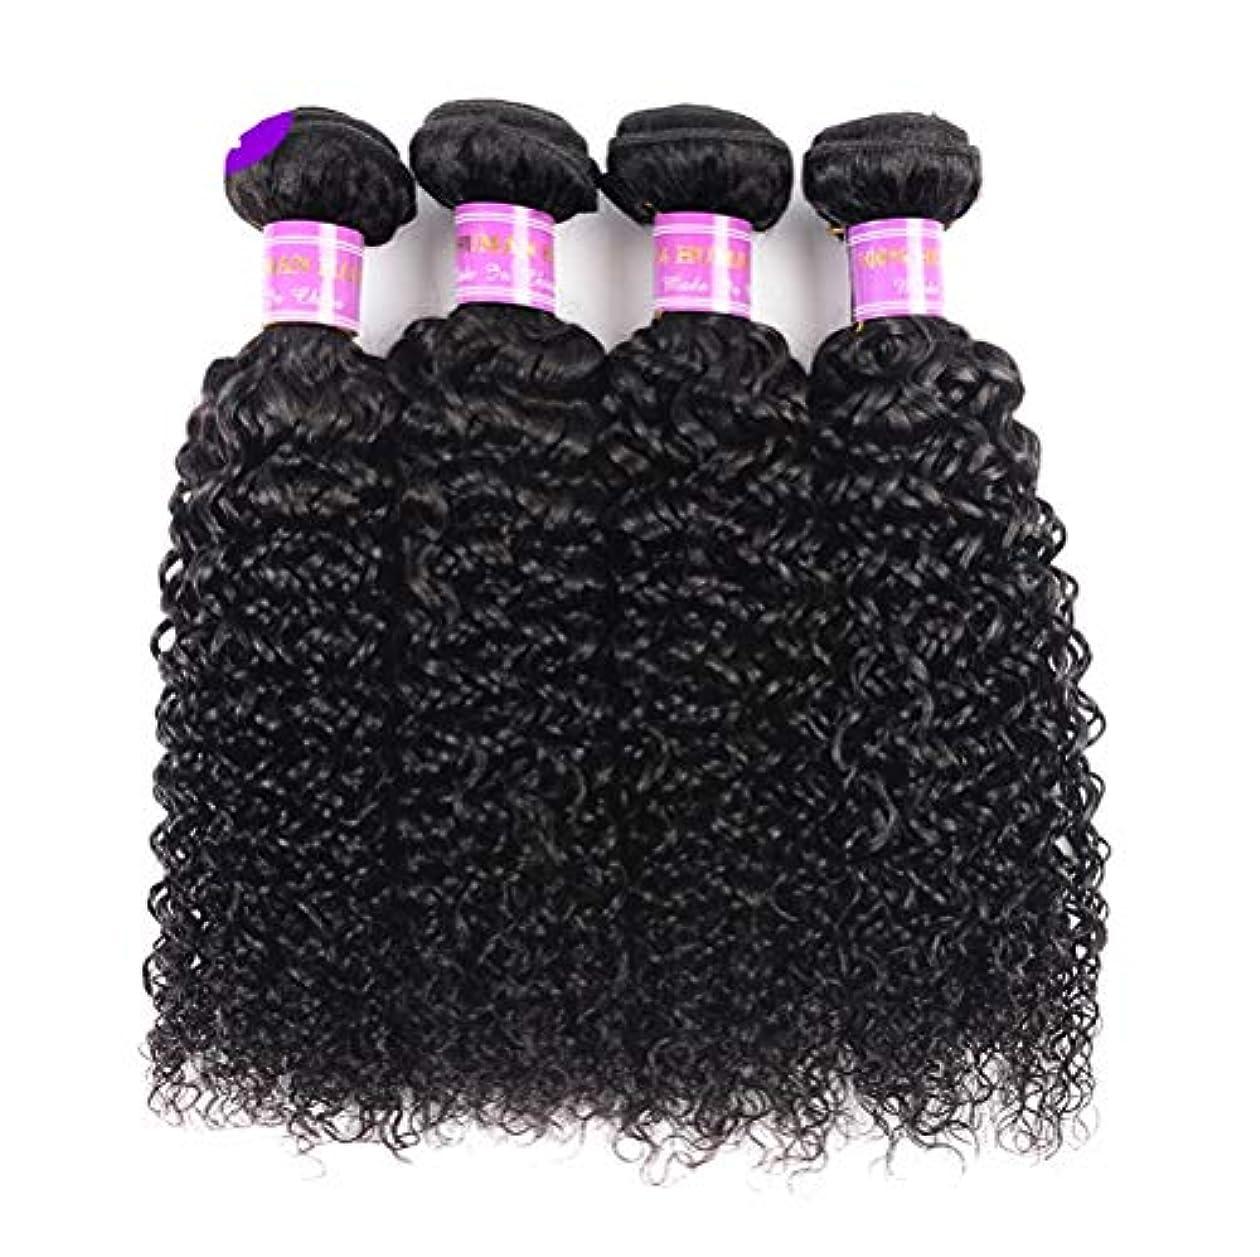 モーテルセンサー元の髪織り未処理ブラジルディープカーリーヘアバンドル本物の人間の髪バンドルバージンブラジル髪バンドル1個/パックナチュラルカラー(100 +/- 5g)/ pc